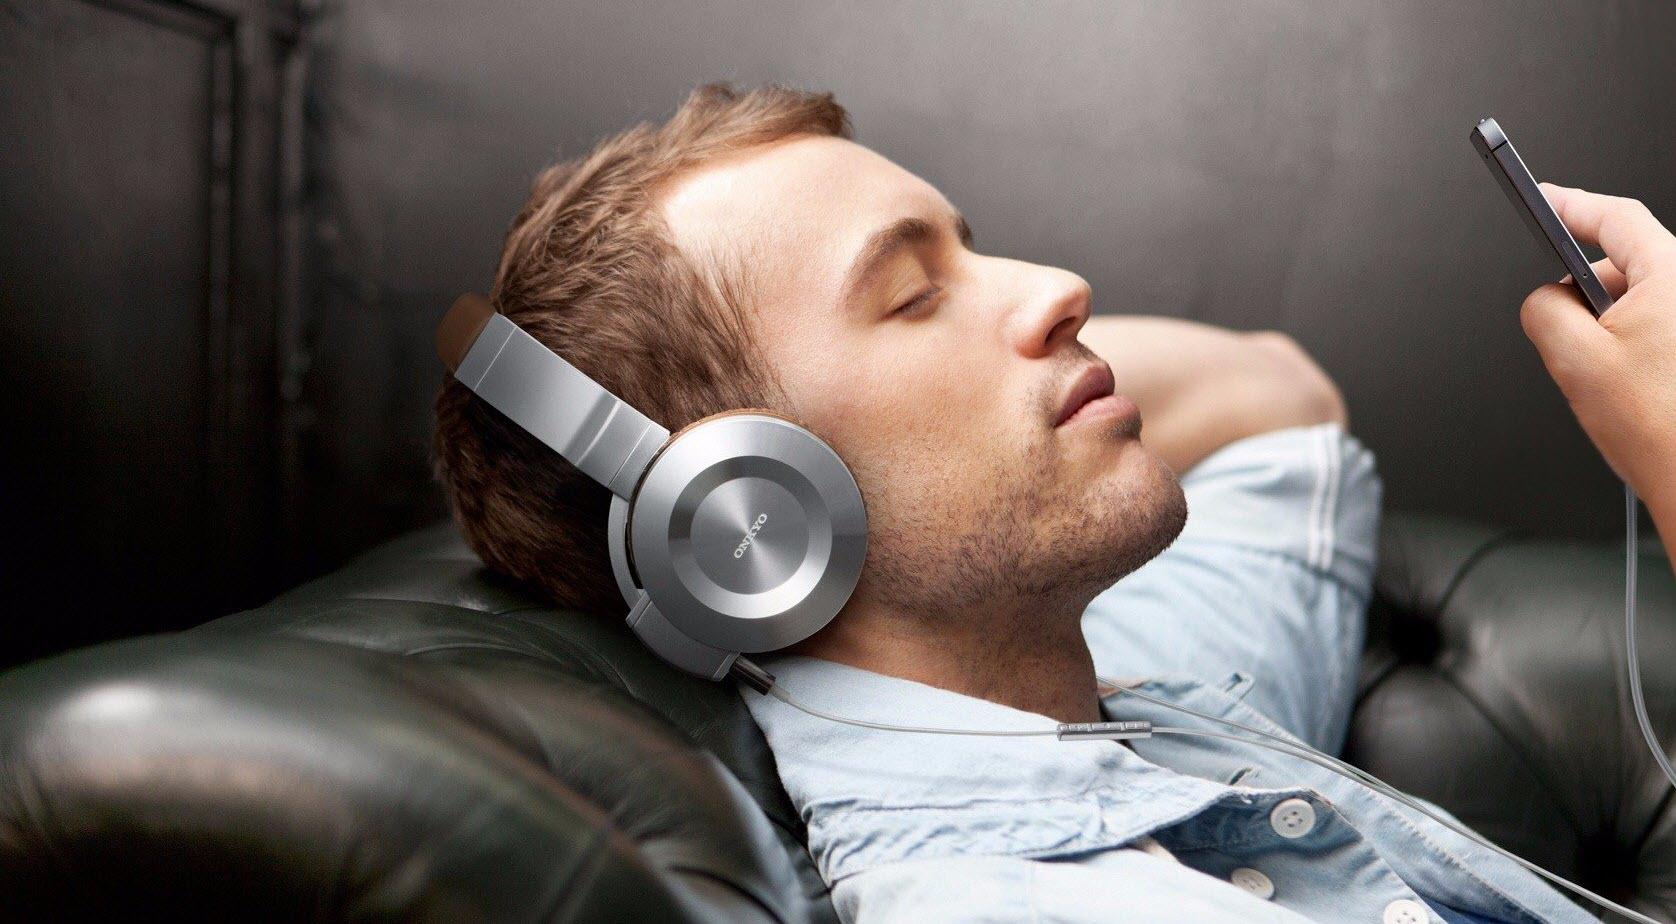 Как слушать радио на айфоне без интернета